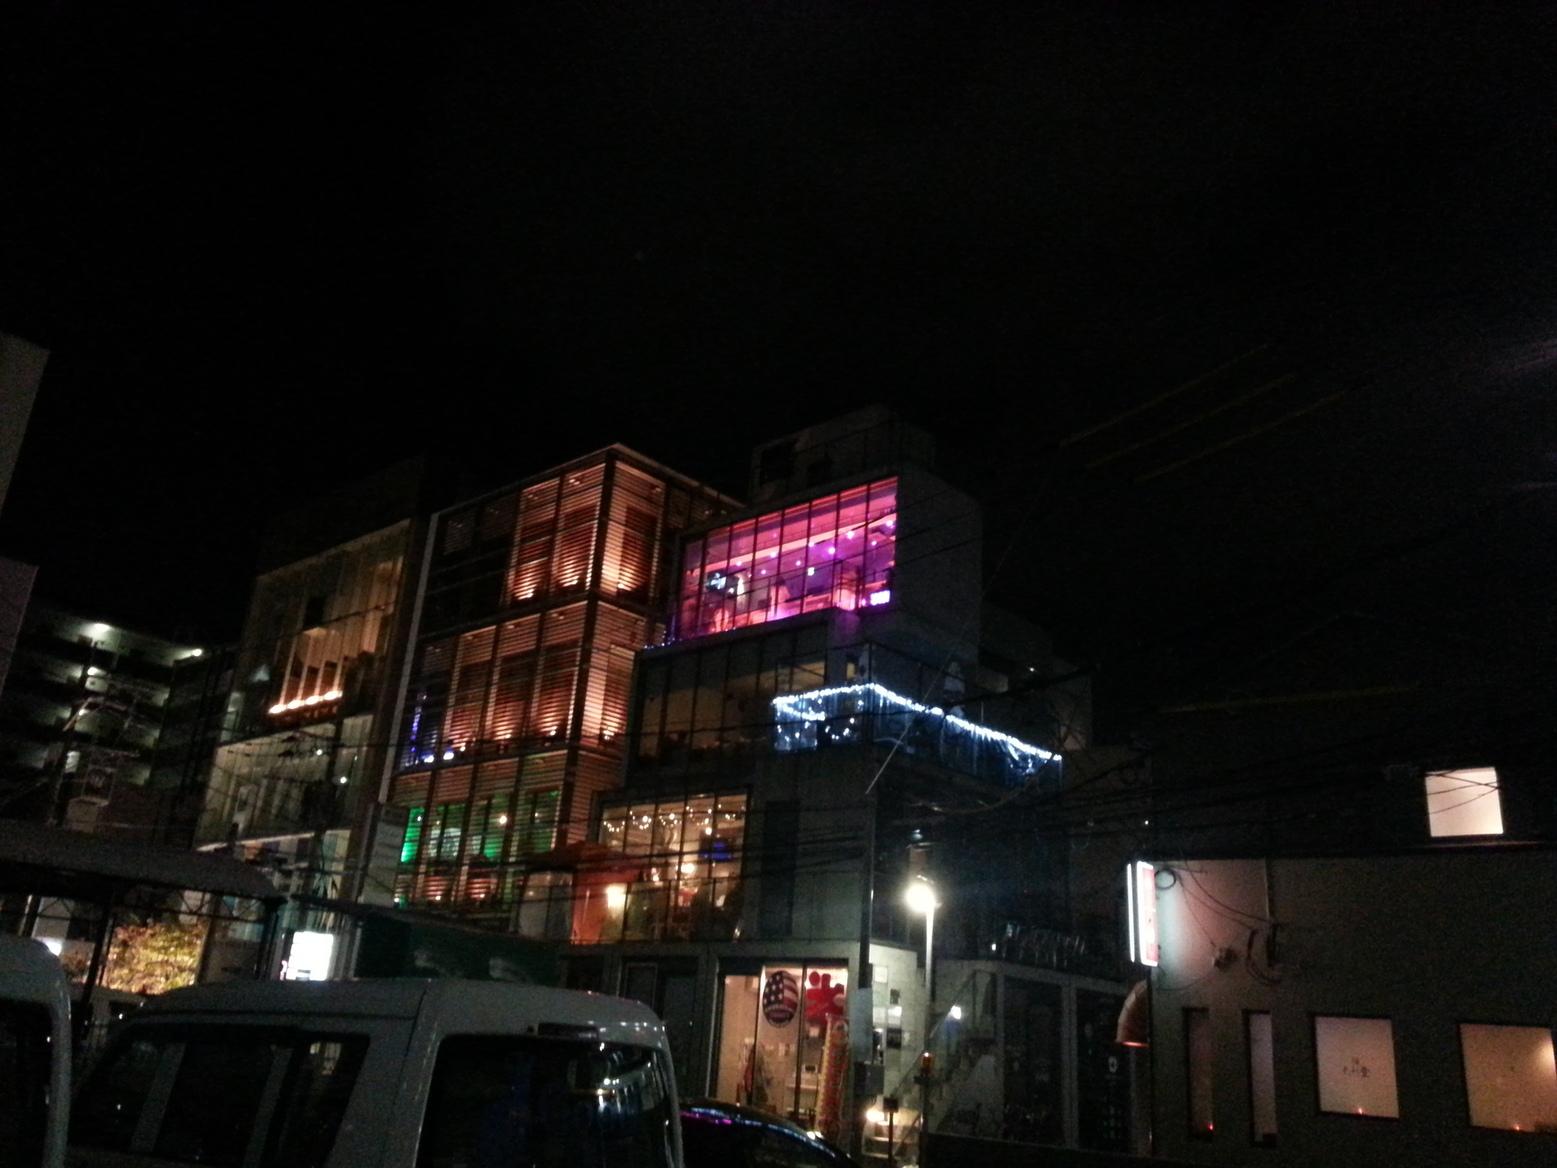 萌え萌えミニスカメイドバーLapin